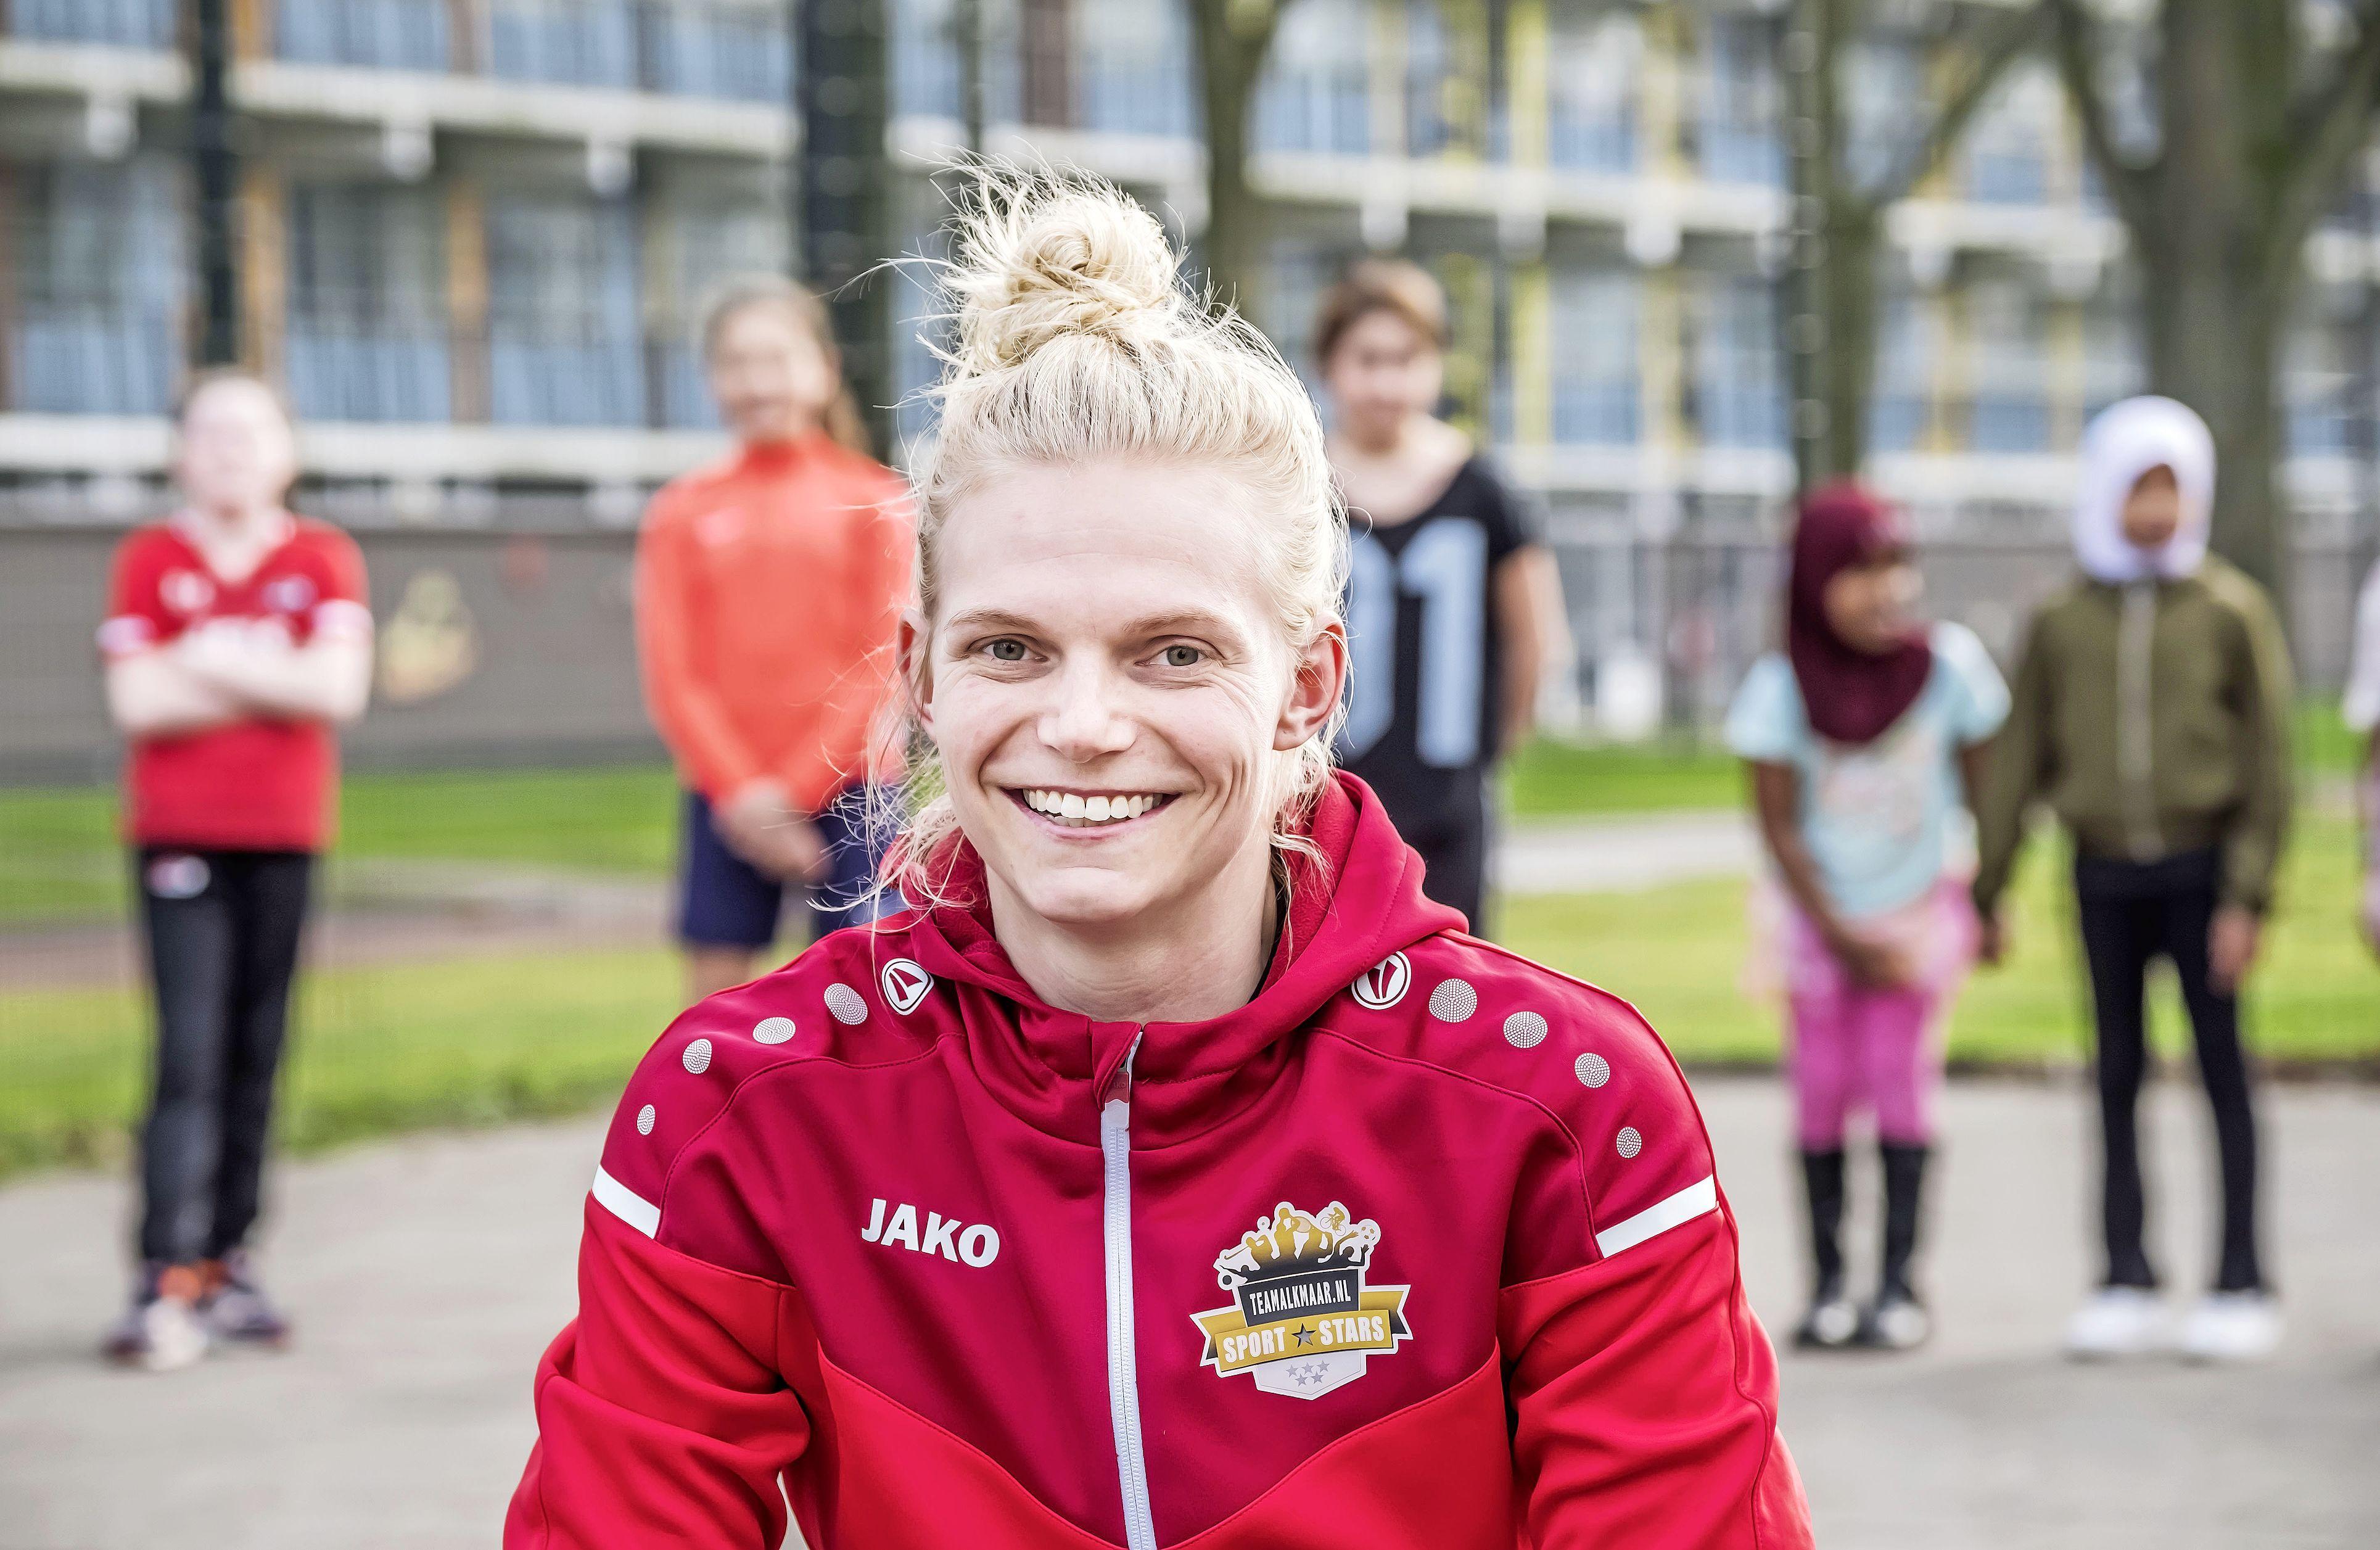 Zaal- en beachvoetbalinternational Aaike Verschoor geeft de voorkeur aan een belangrijke sliding boven een winnende treffer: 'Zelfs in de zaal'